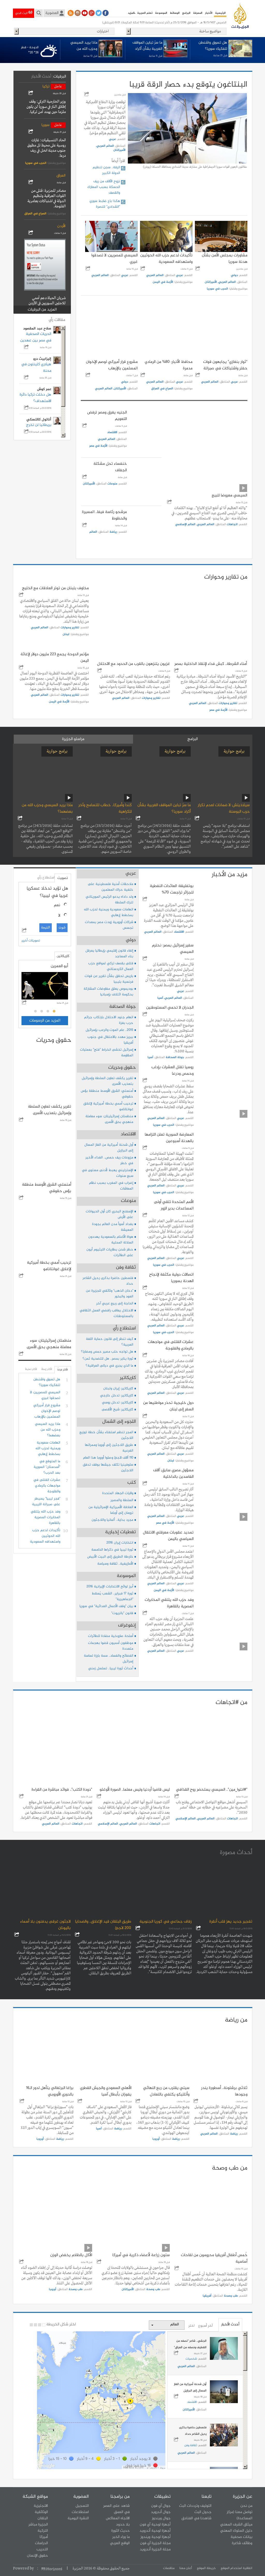 Al Jazeera at Thursday Feb. 25, 2016, 9:10 a.m. UTC